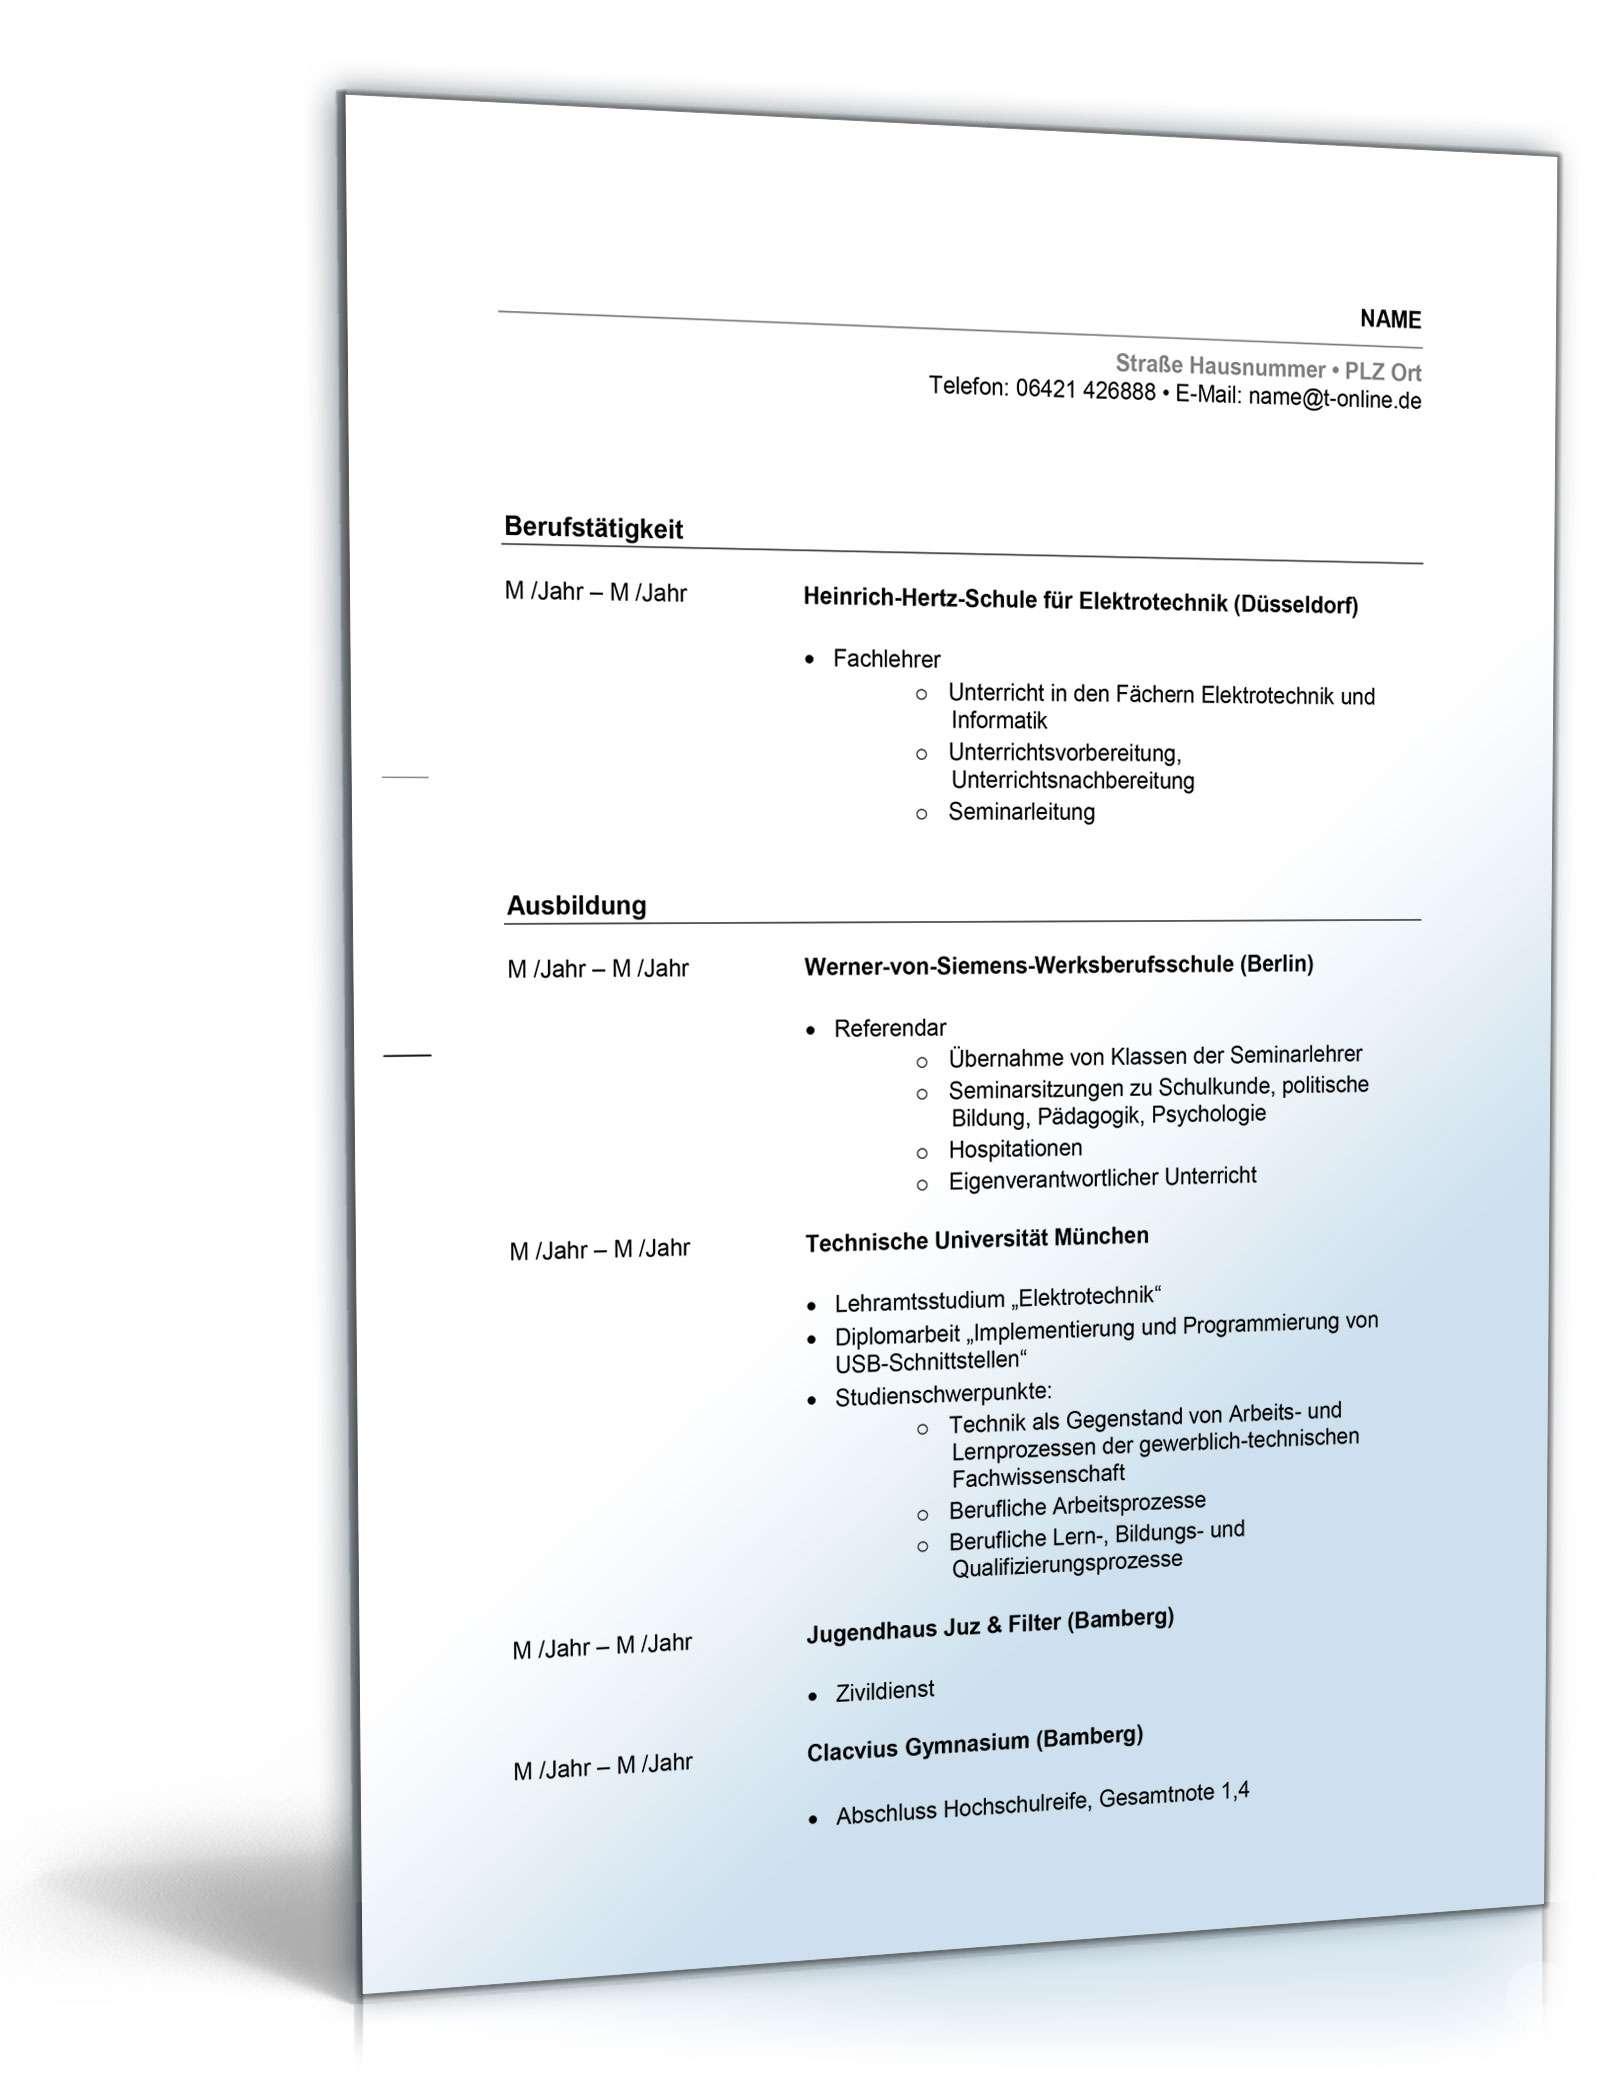 Bewerbung für Lehrer als Muster: Anschreiben & Lebenslauf downloaden